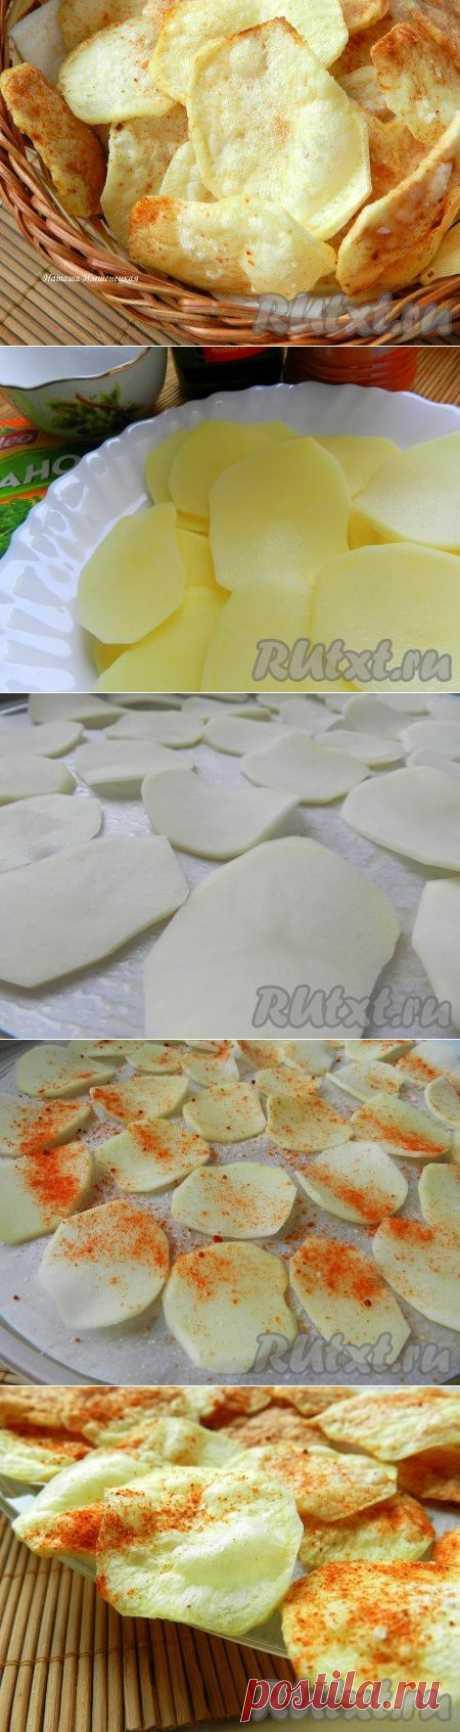 Как приготовить чипсы в микроволновке (рецепт с фото) | RUtxt.ru